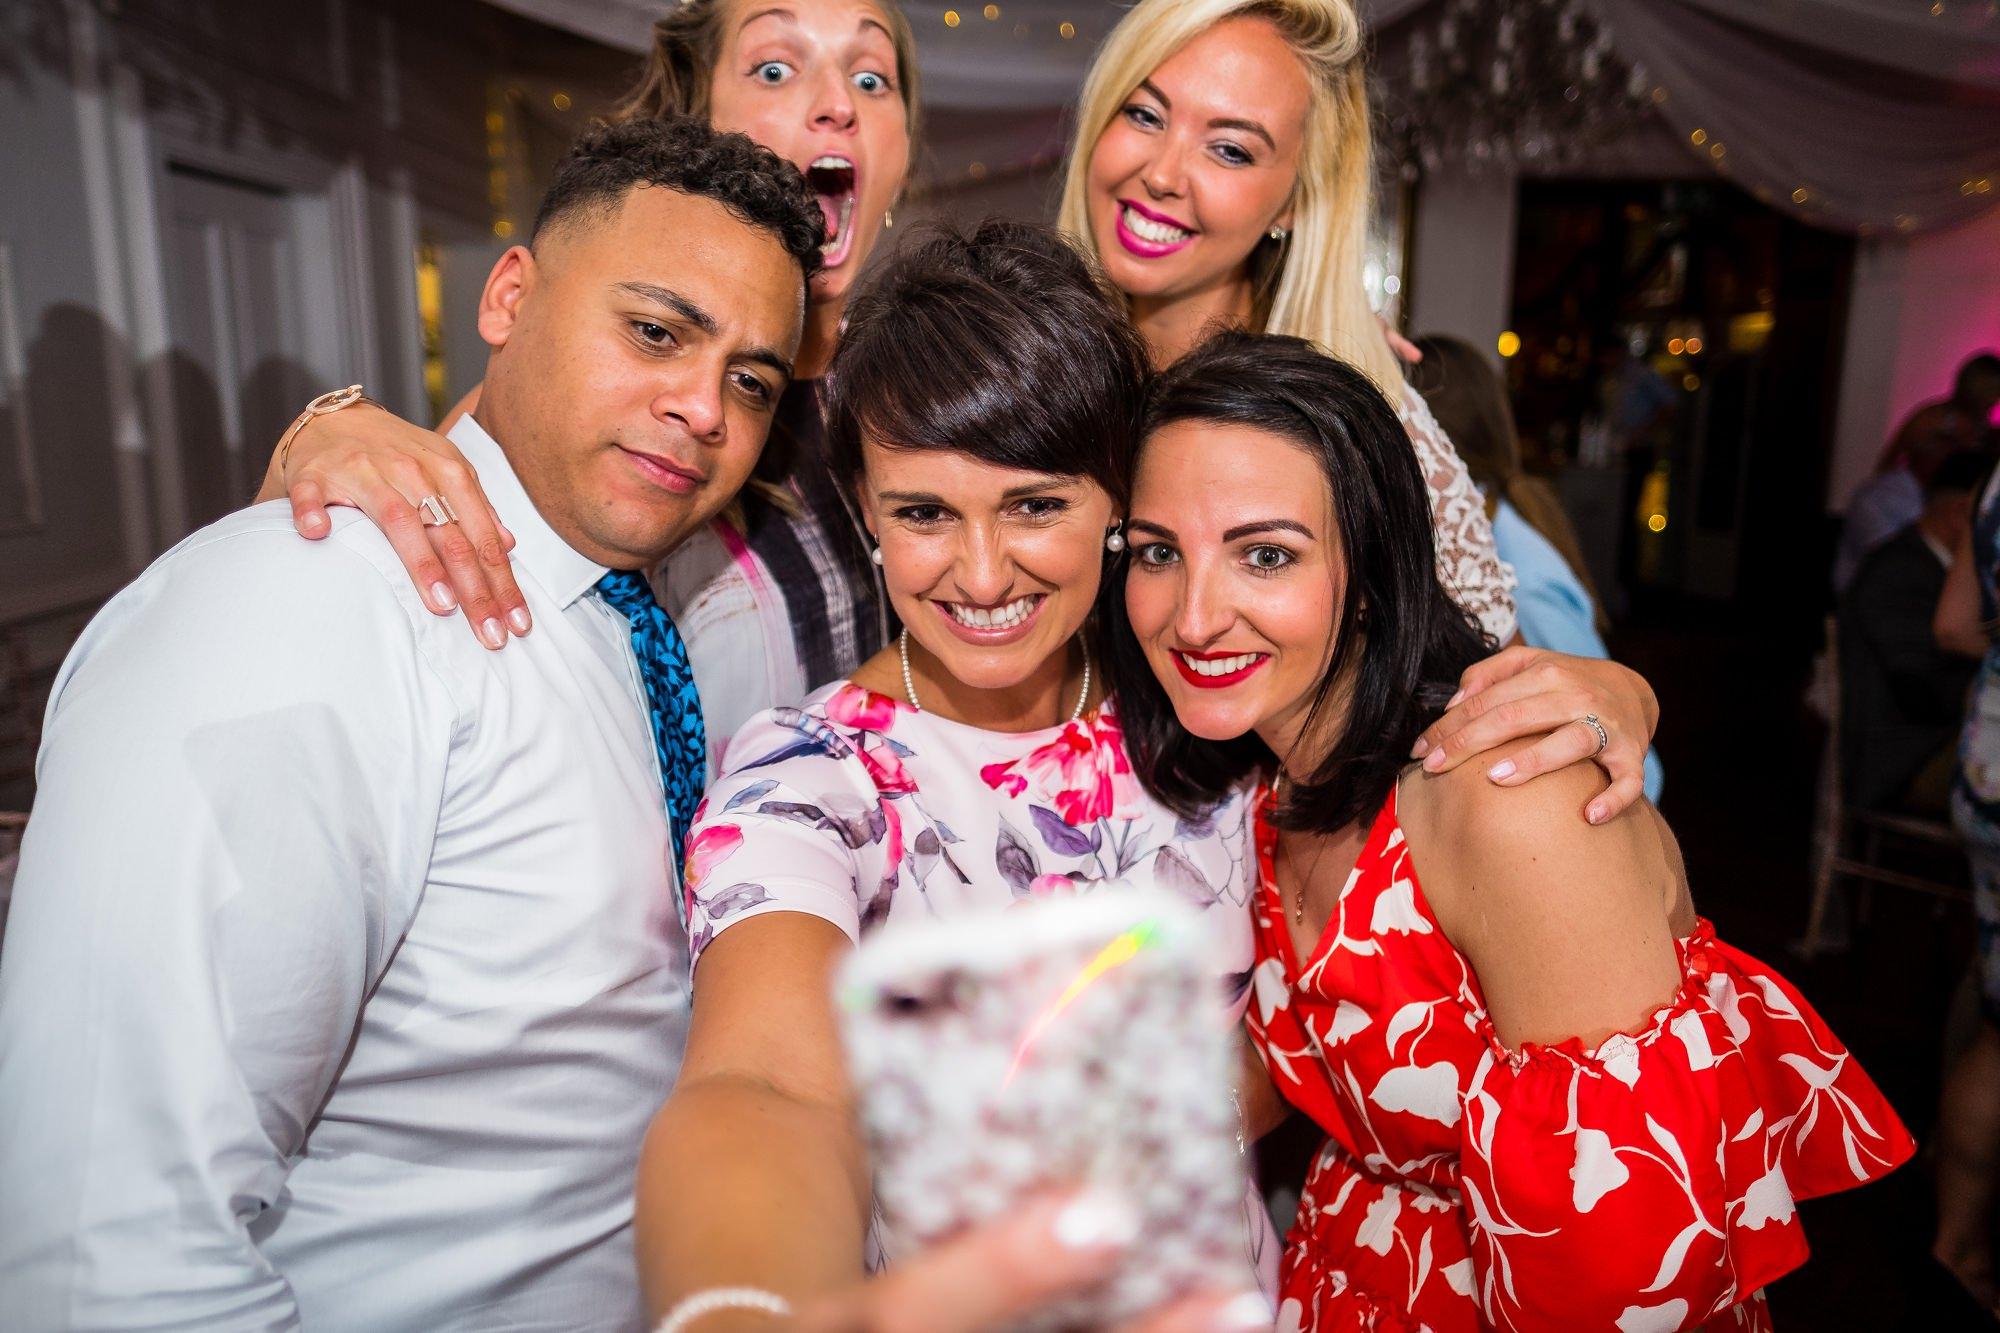 wedding guests doing selfies